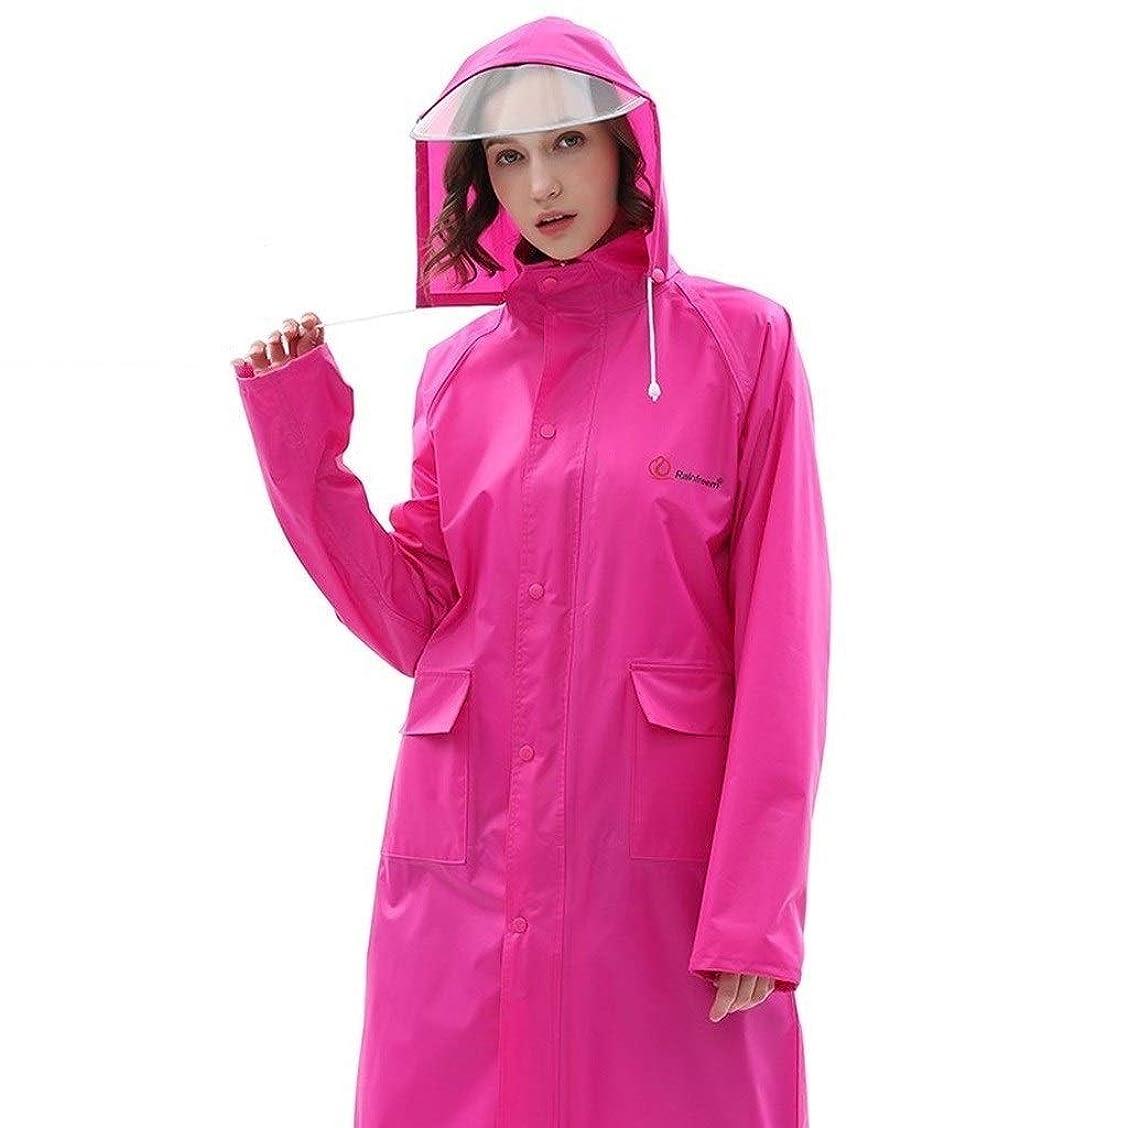 口述配置素朴なJCCOZ ポータブルポンチョ、ロングコート、緊急時のレインコート、取り外し可能な帽子、顔保護、漏洩を防止するための弾性袖口、屋外屋外のハイキングのためのレインウェア (Color : S, Size : 4xl)